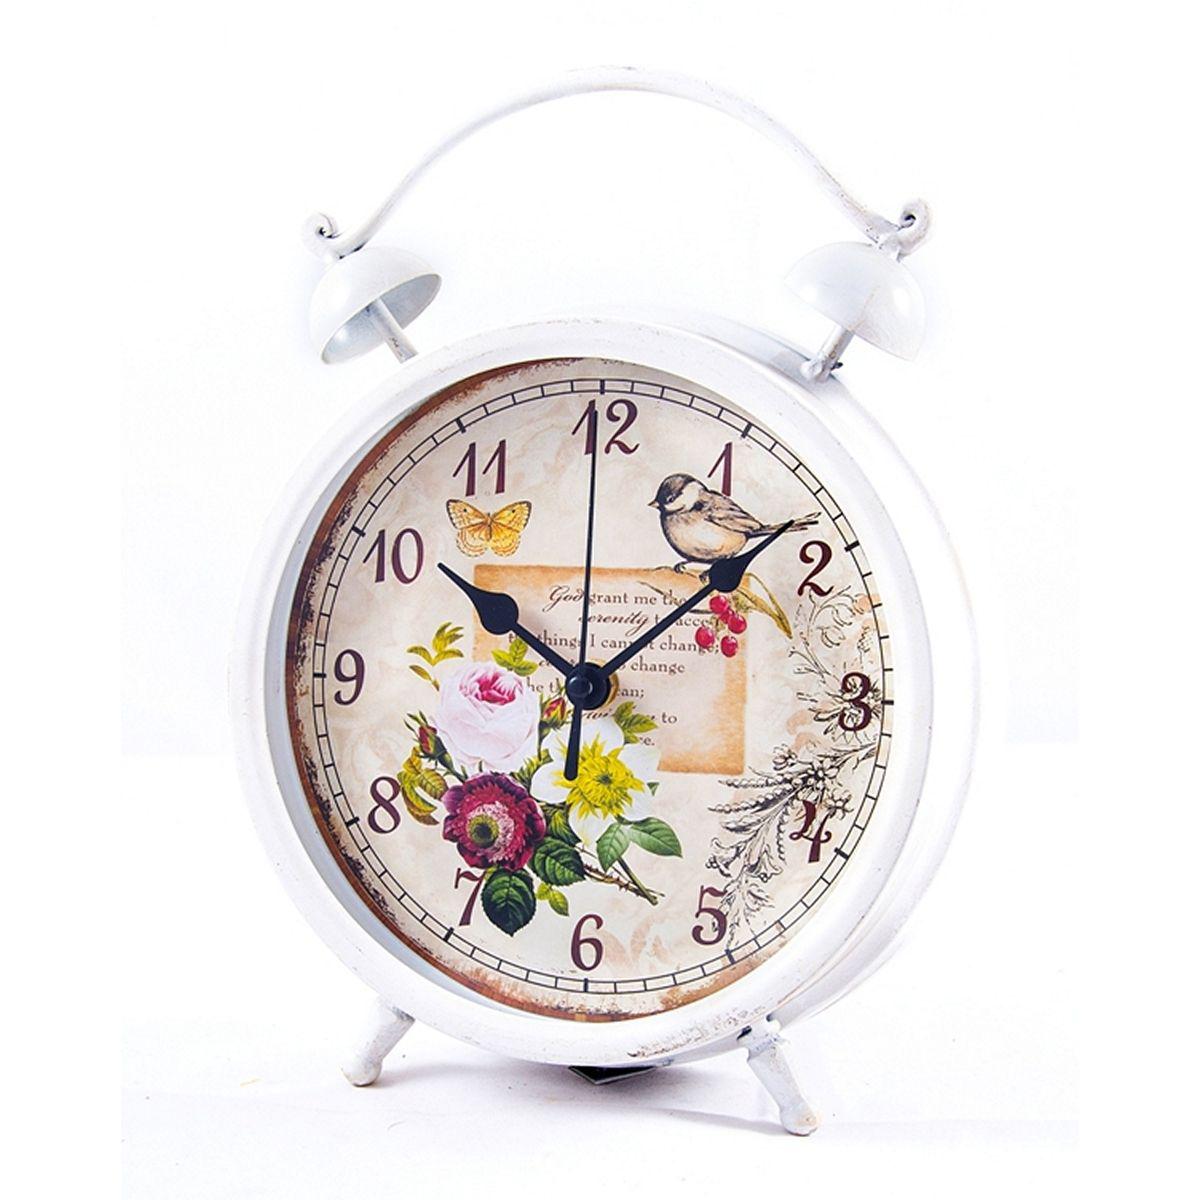 Часы настольные Русские Подарки, 21 х 28 х 6 см. 2960929609Настольные кварцевые часы Русские Подарки изготовлены из металла, циферблат красочно оформлен и защищен стеклом. Часы имеют три стрелки - часовую, минутную и секундную. Такие часы оригинально украсят интерьер дома или рабочий стол в офисе. Также часы могут стать уникальным, полезным подарком для родственников, коллег, знакомых и близких. Часы работают от батареек типа АА (в комплект не входят).